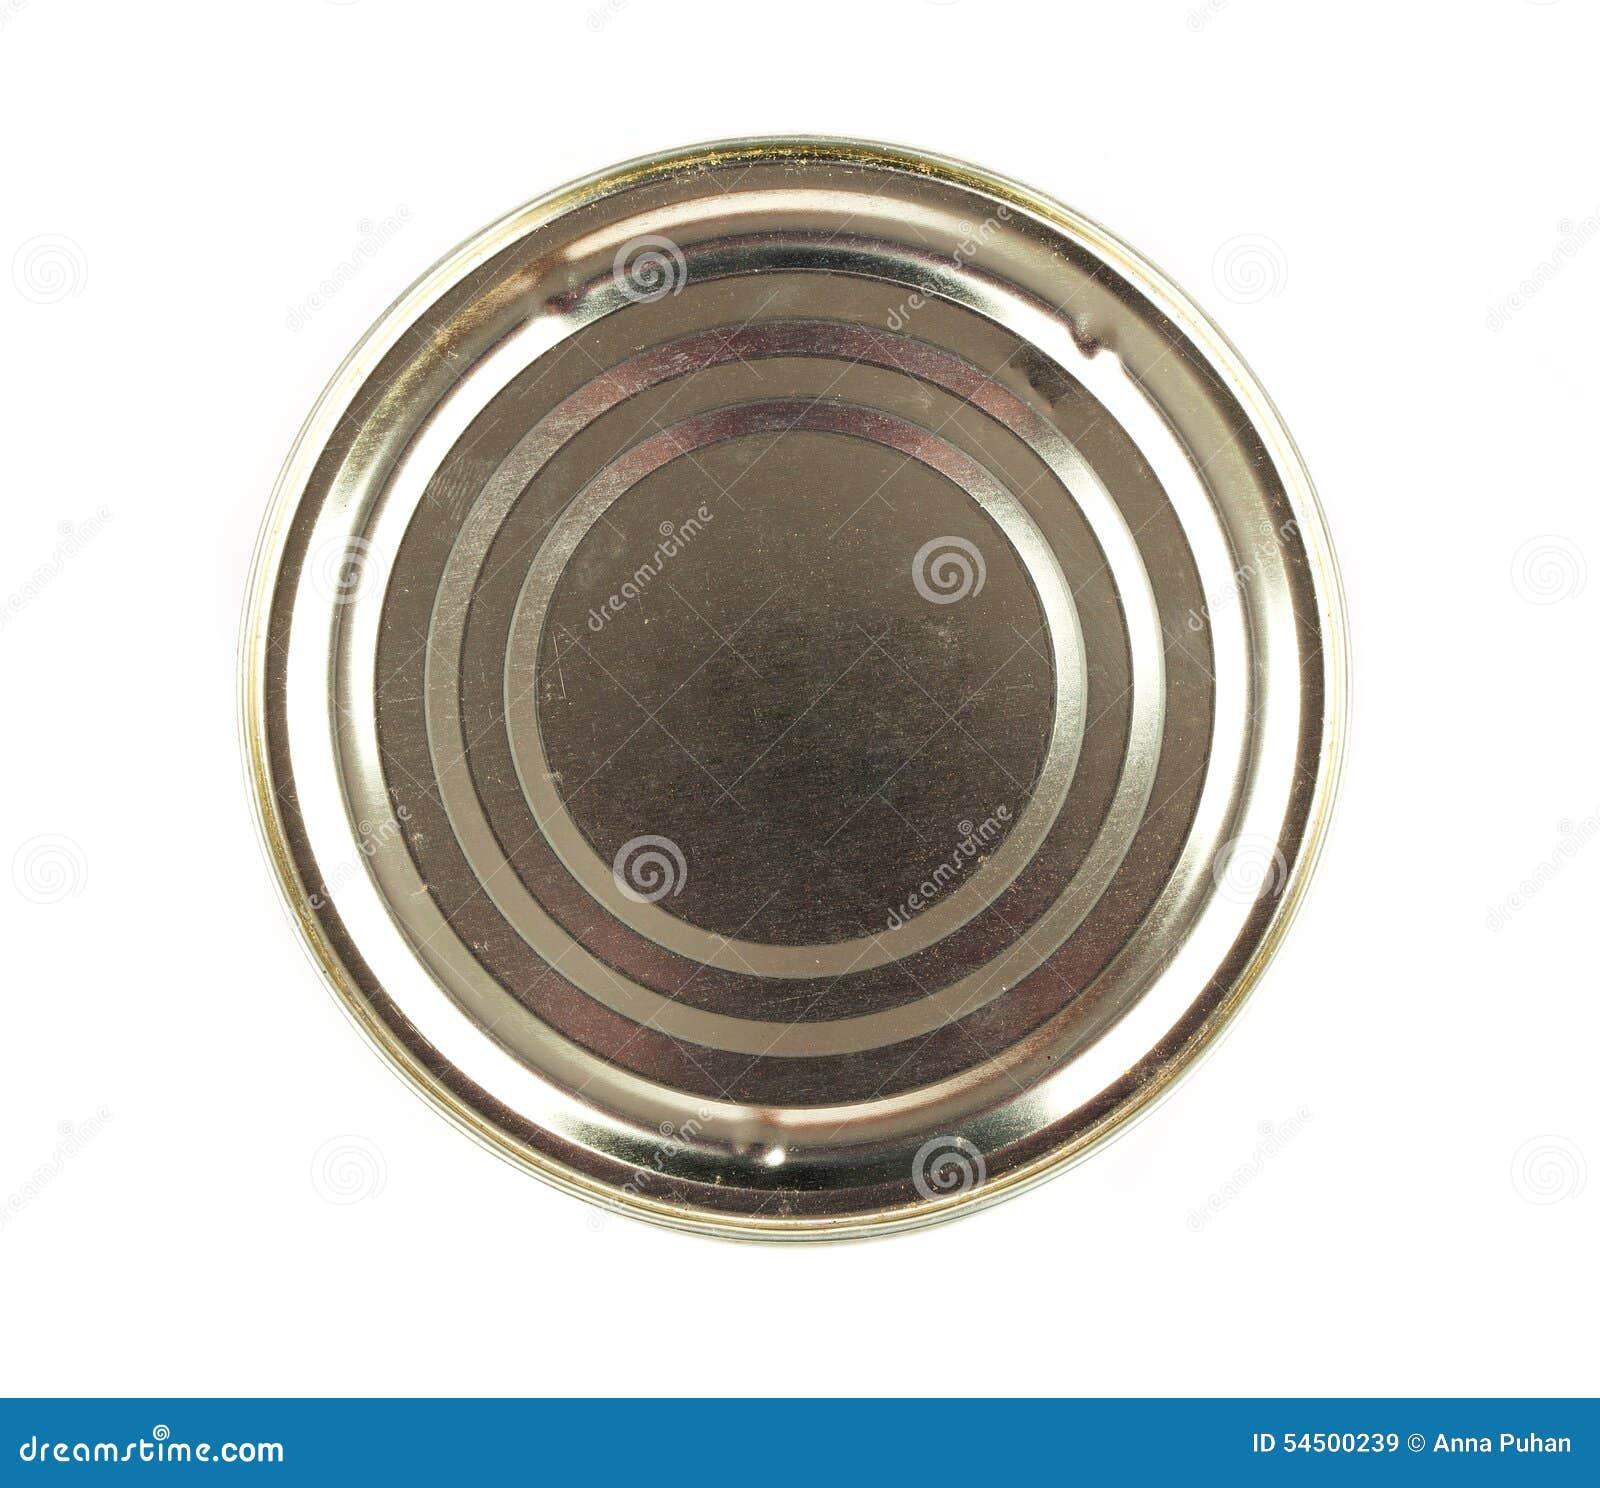 Tapa o base de la comida Tin Can